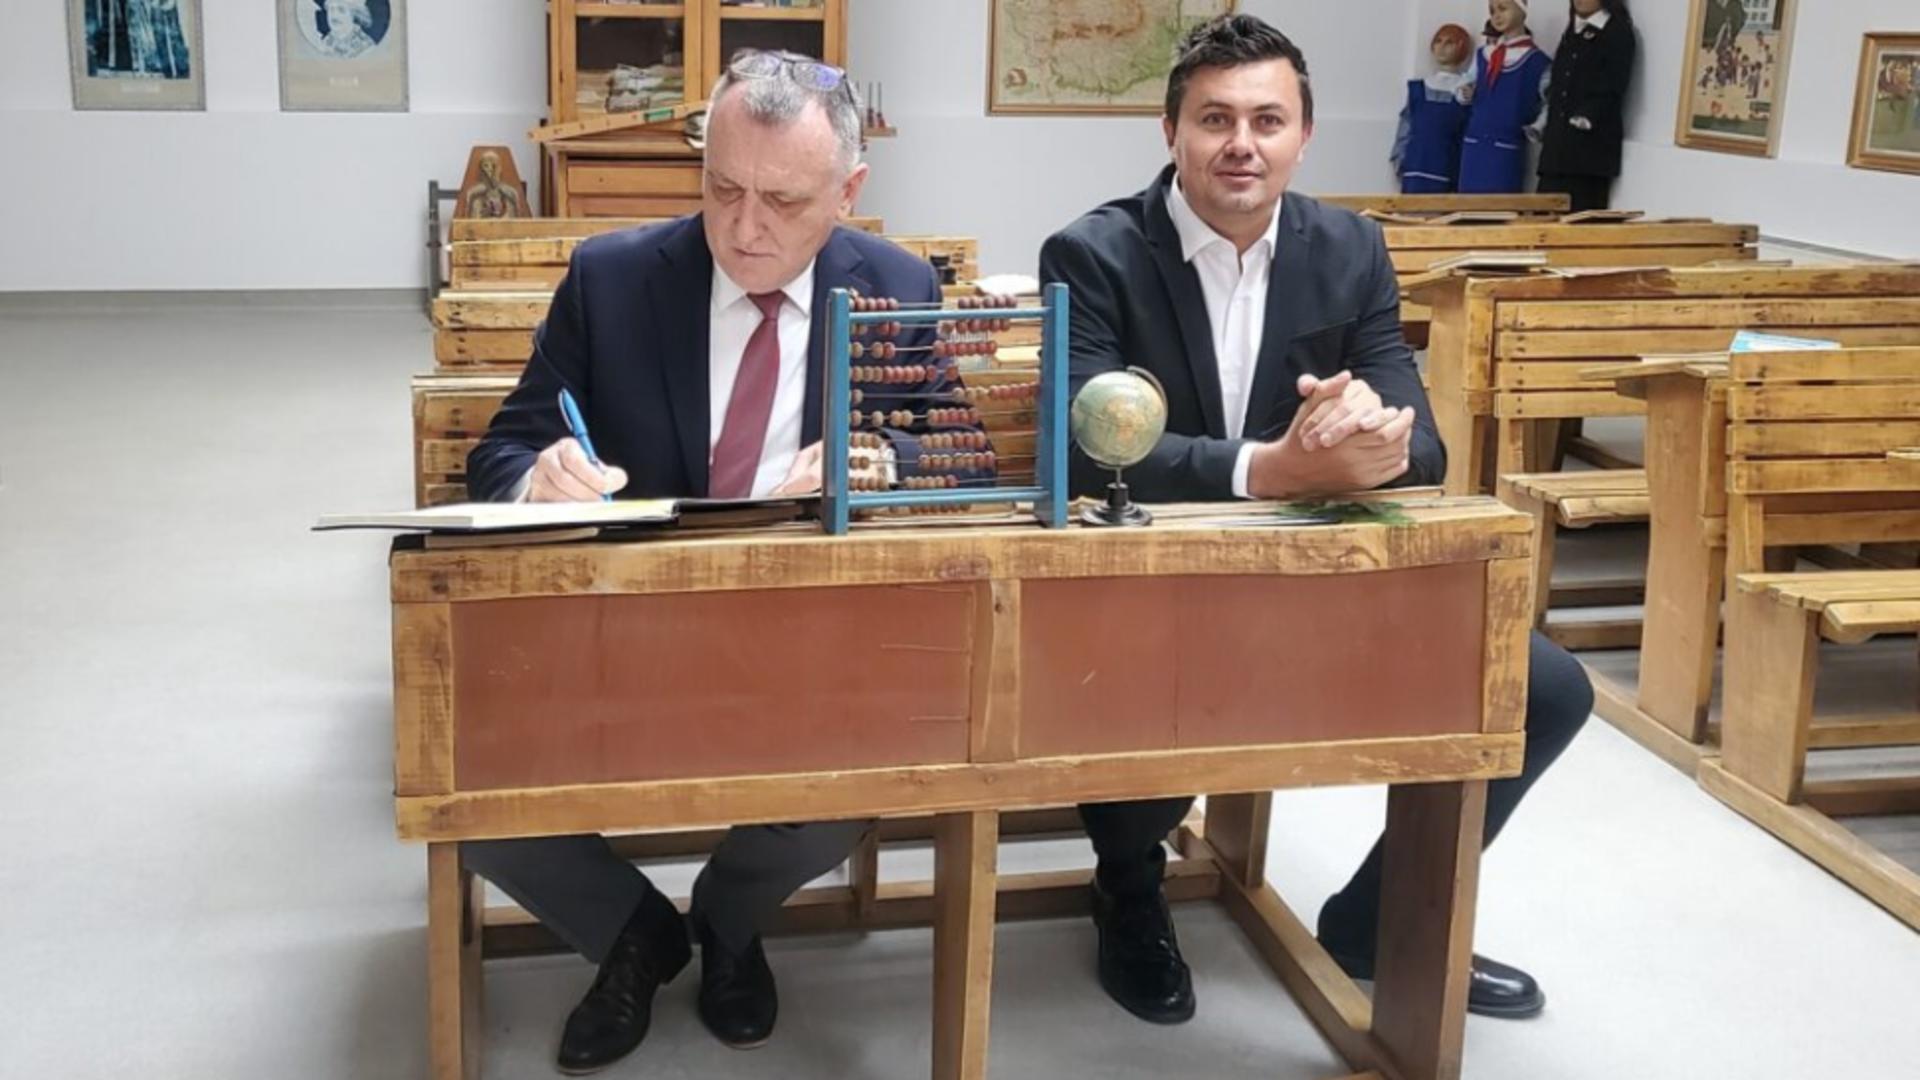 Silviu Iordache, noul director ARACIP, numit de ministrul Sorin Cîmpeanu Foto: Facebook.com